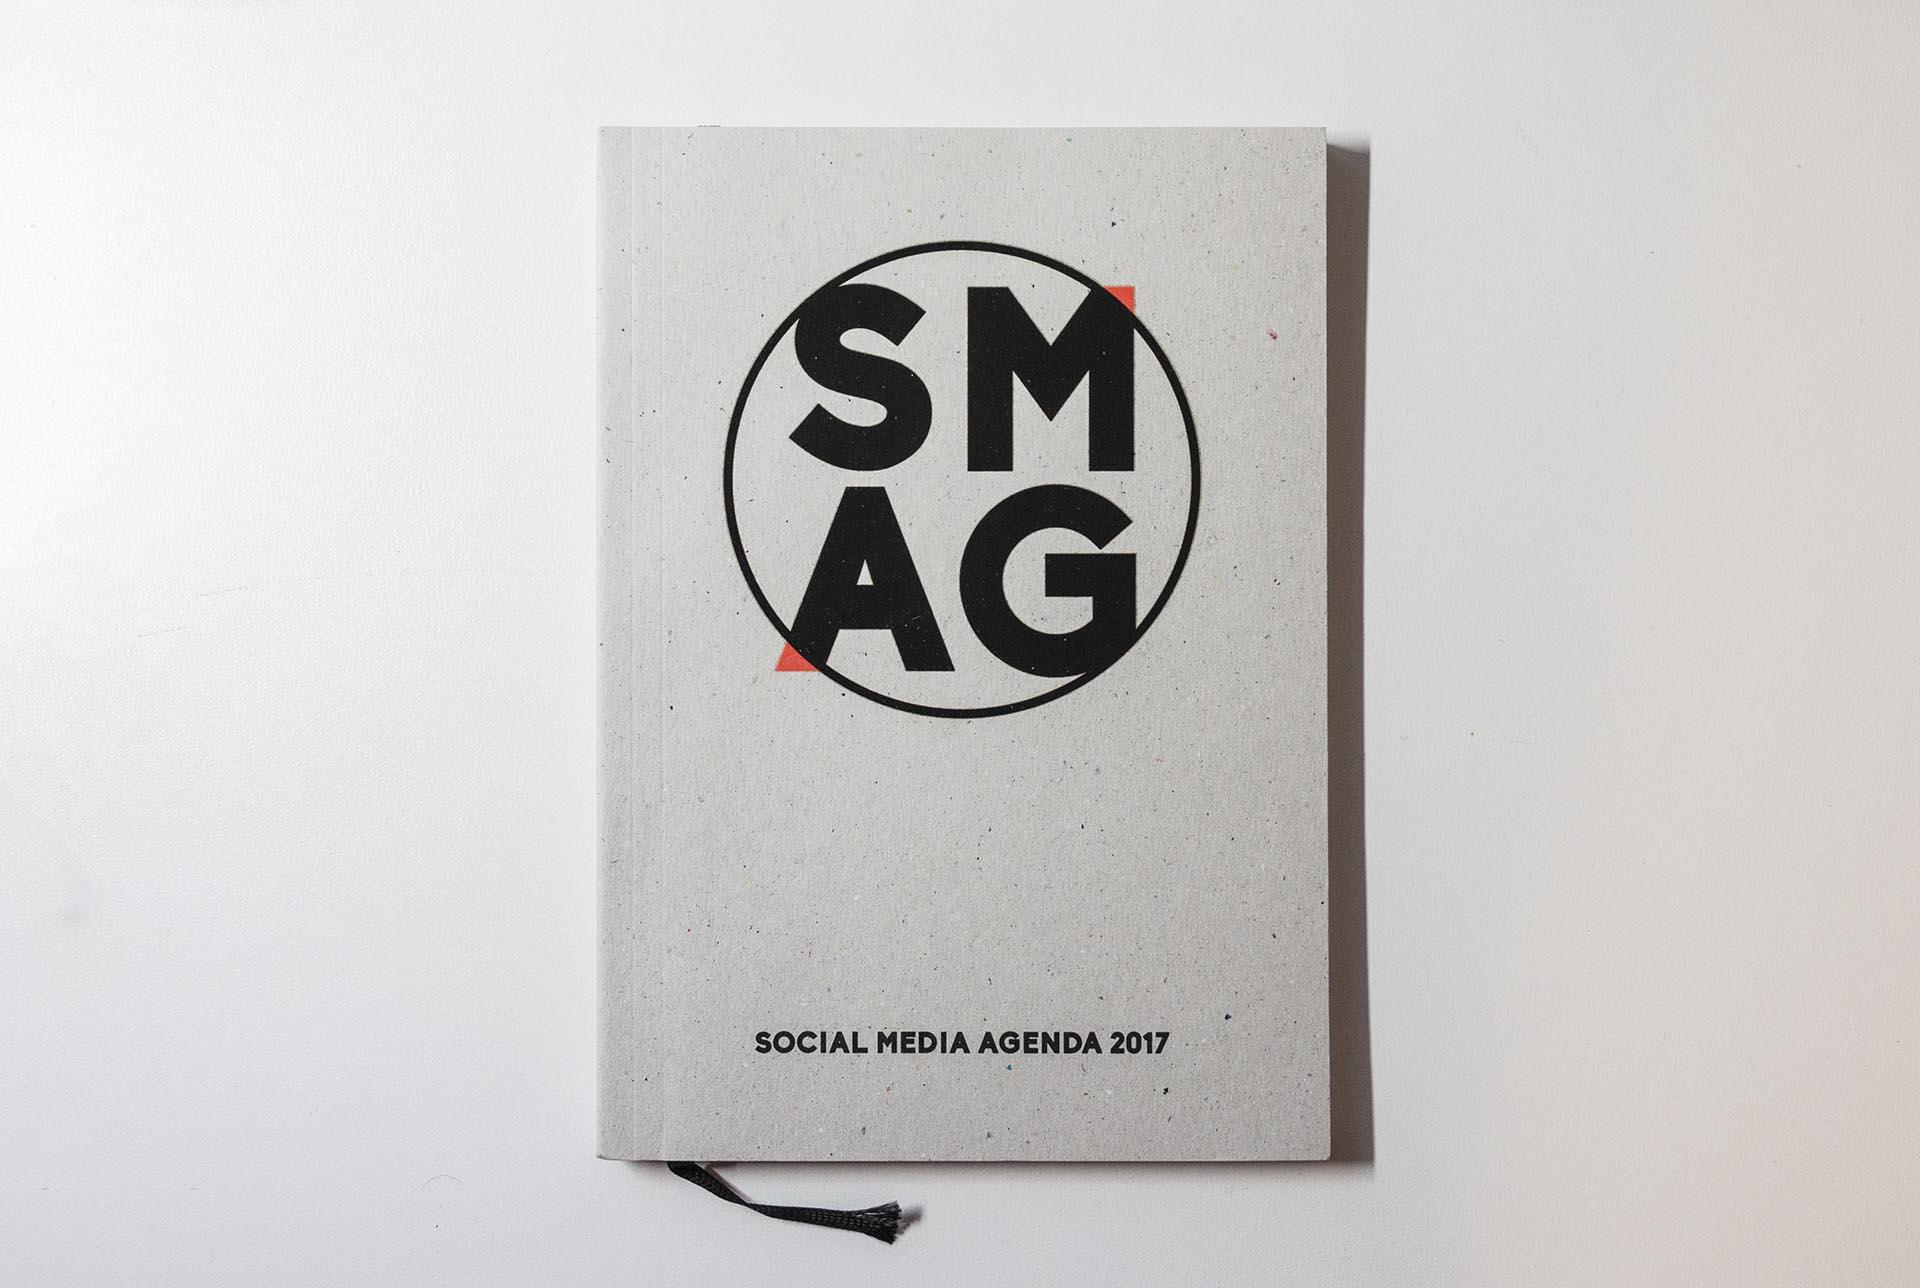 Social Media Agenda 2017 Cover